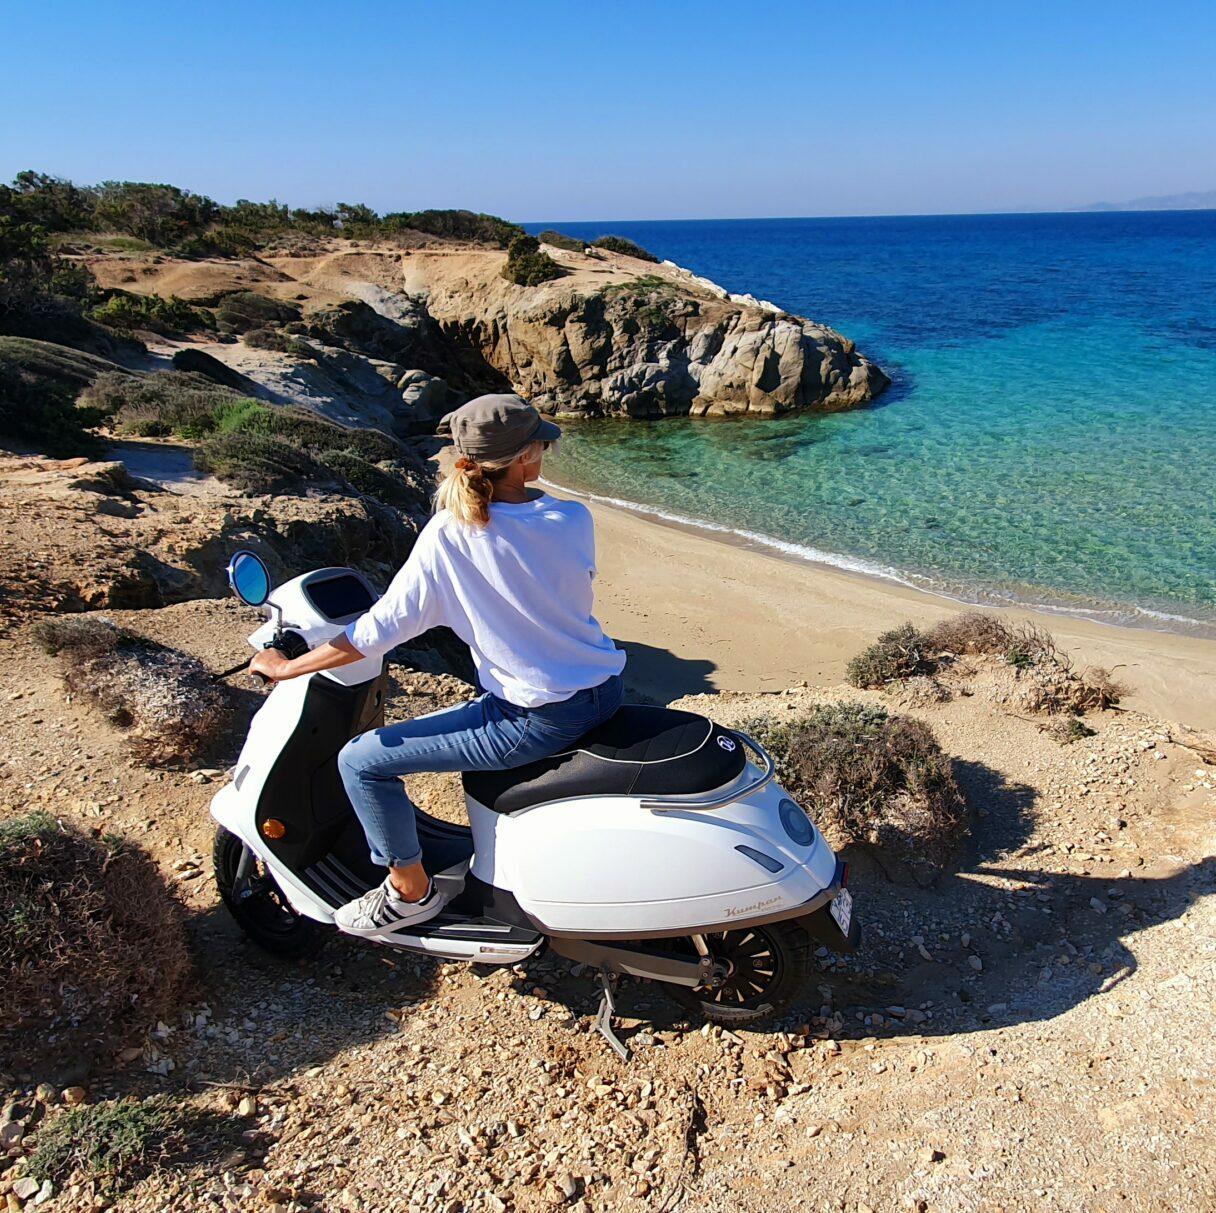 Kumpan e scooter flisvos sport club naxos greece e molibity vakantie griekenland zomer summer island hopping